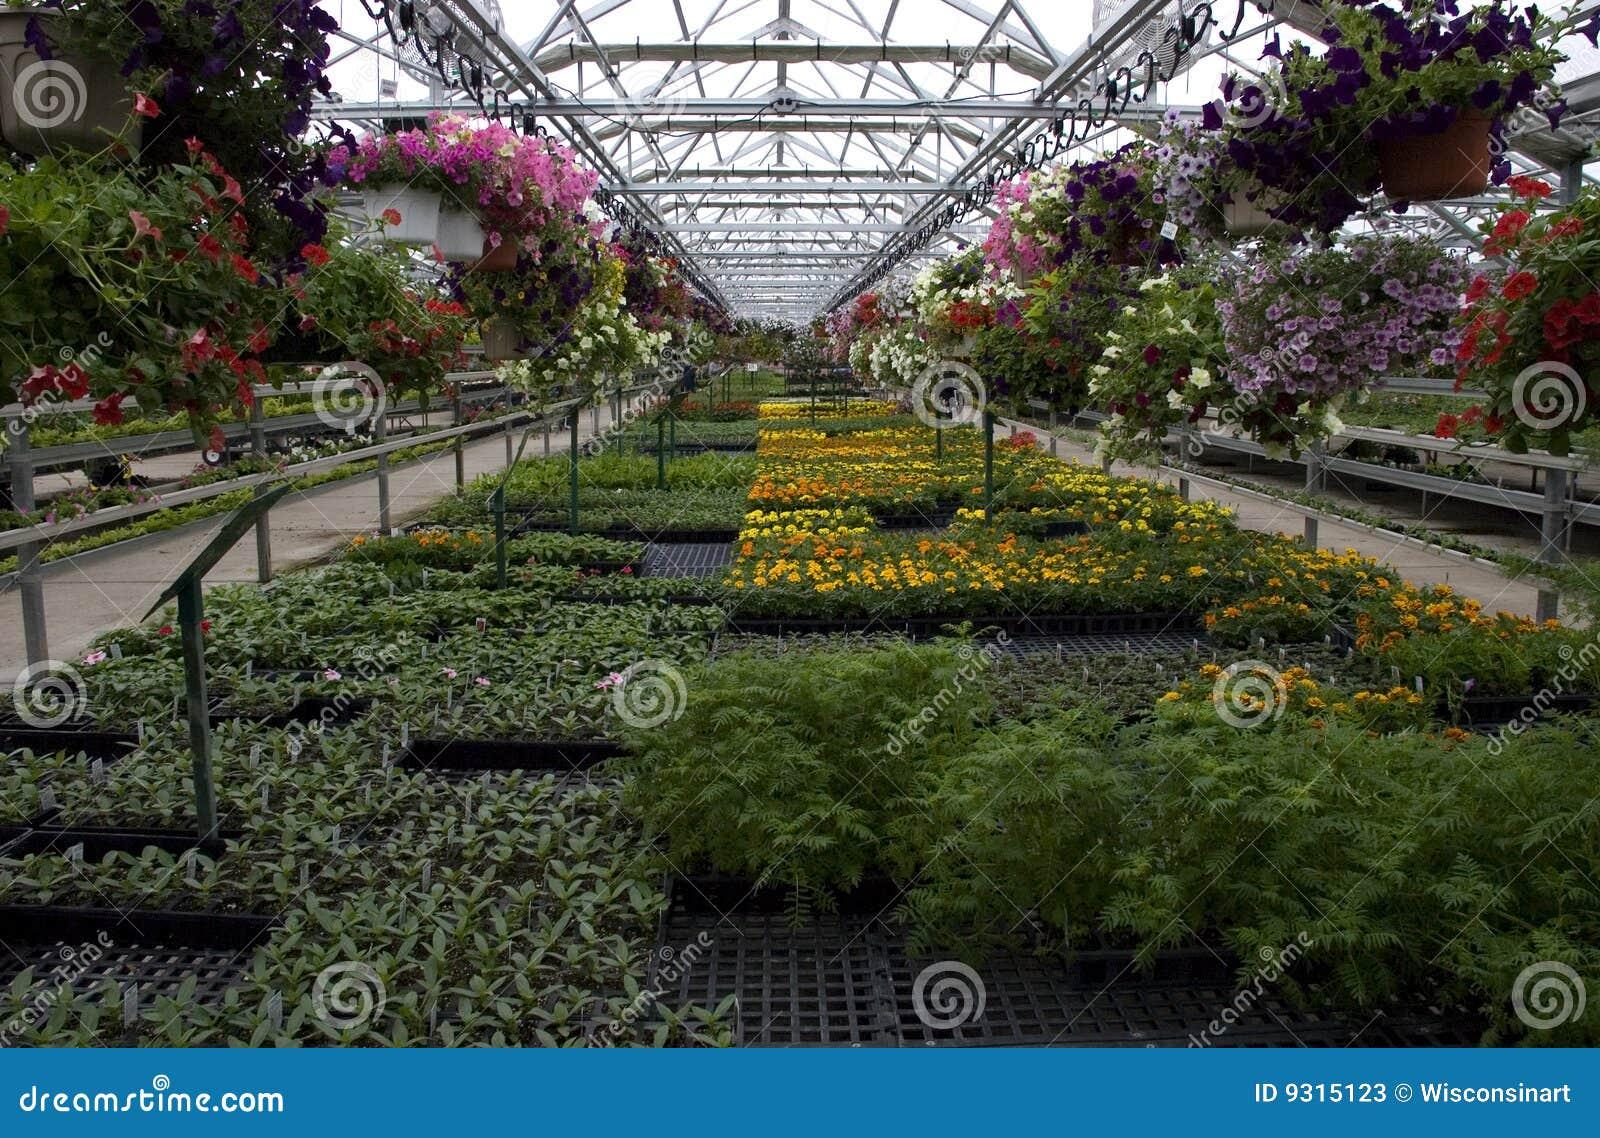 Plantas y flores de invernadero para la venta imagen de Plantas de invernadero